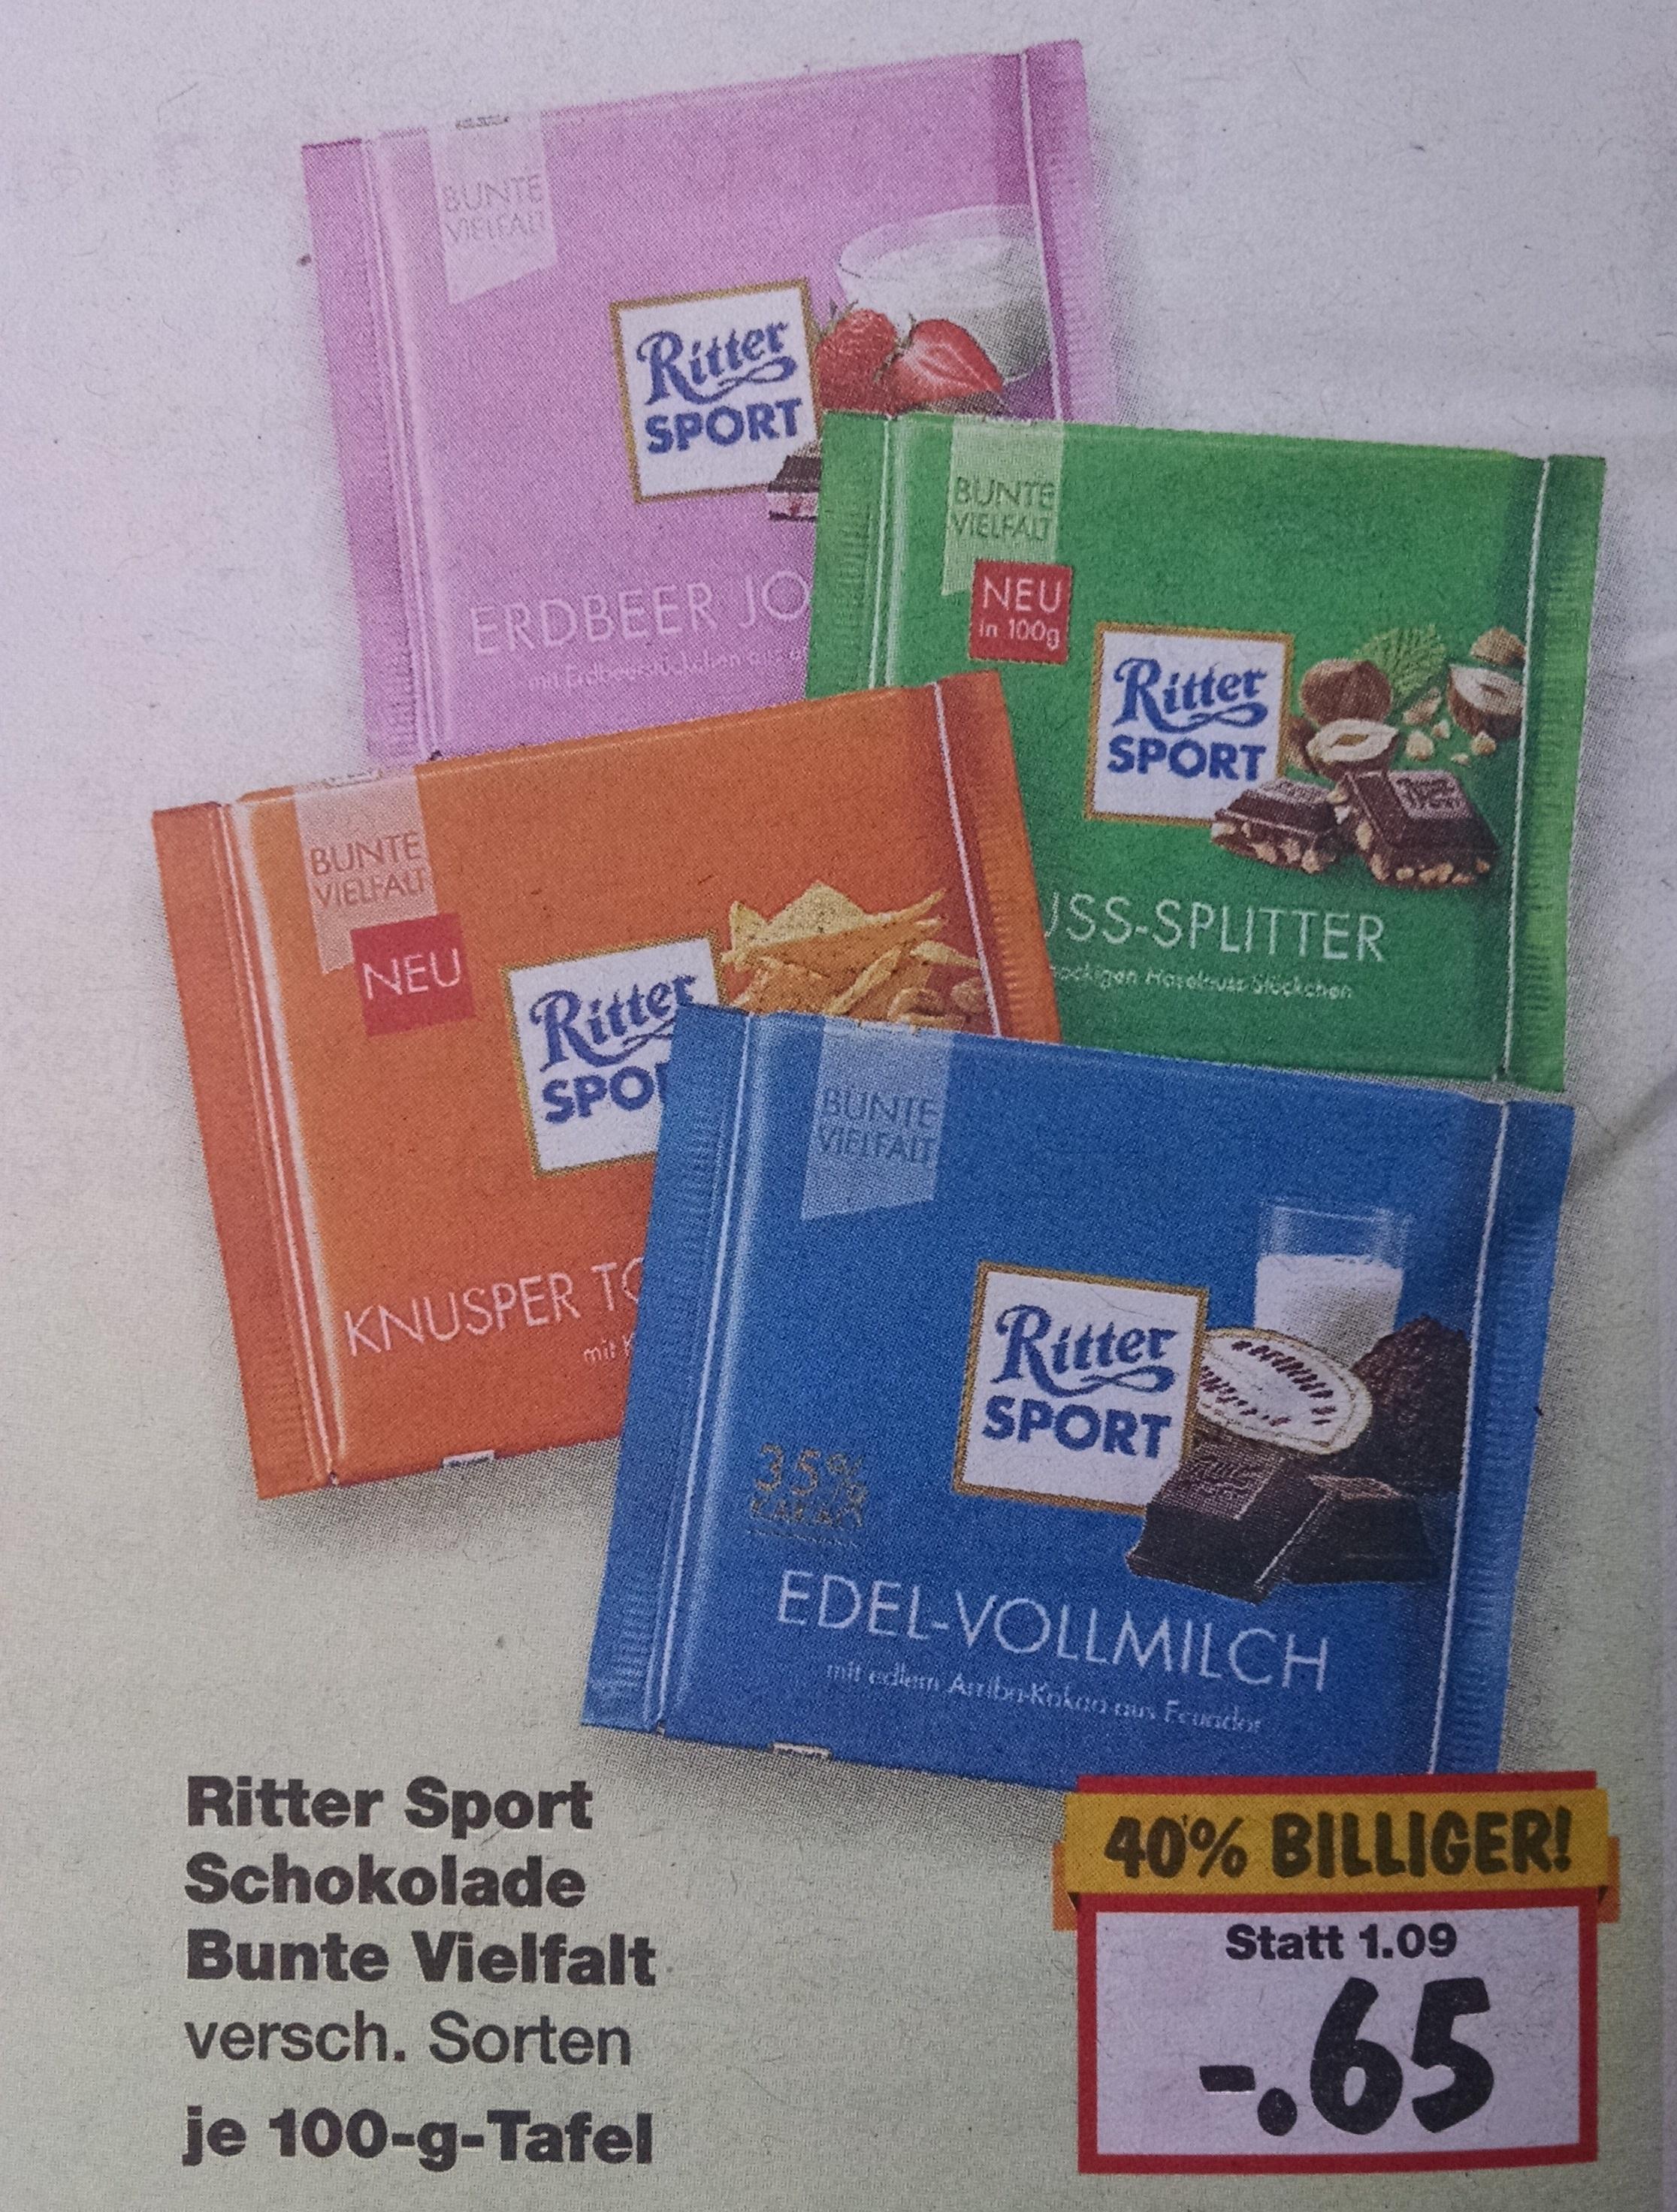 [Kaufland] Ritter Sport Schokolade | 40% billiger | bundesweit | Super Wochenstart